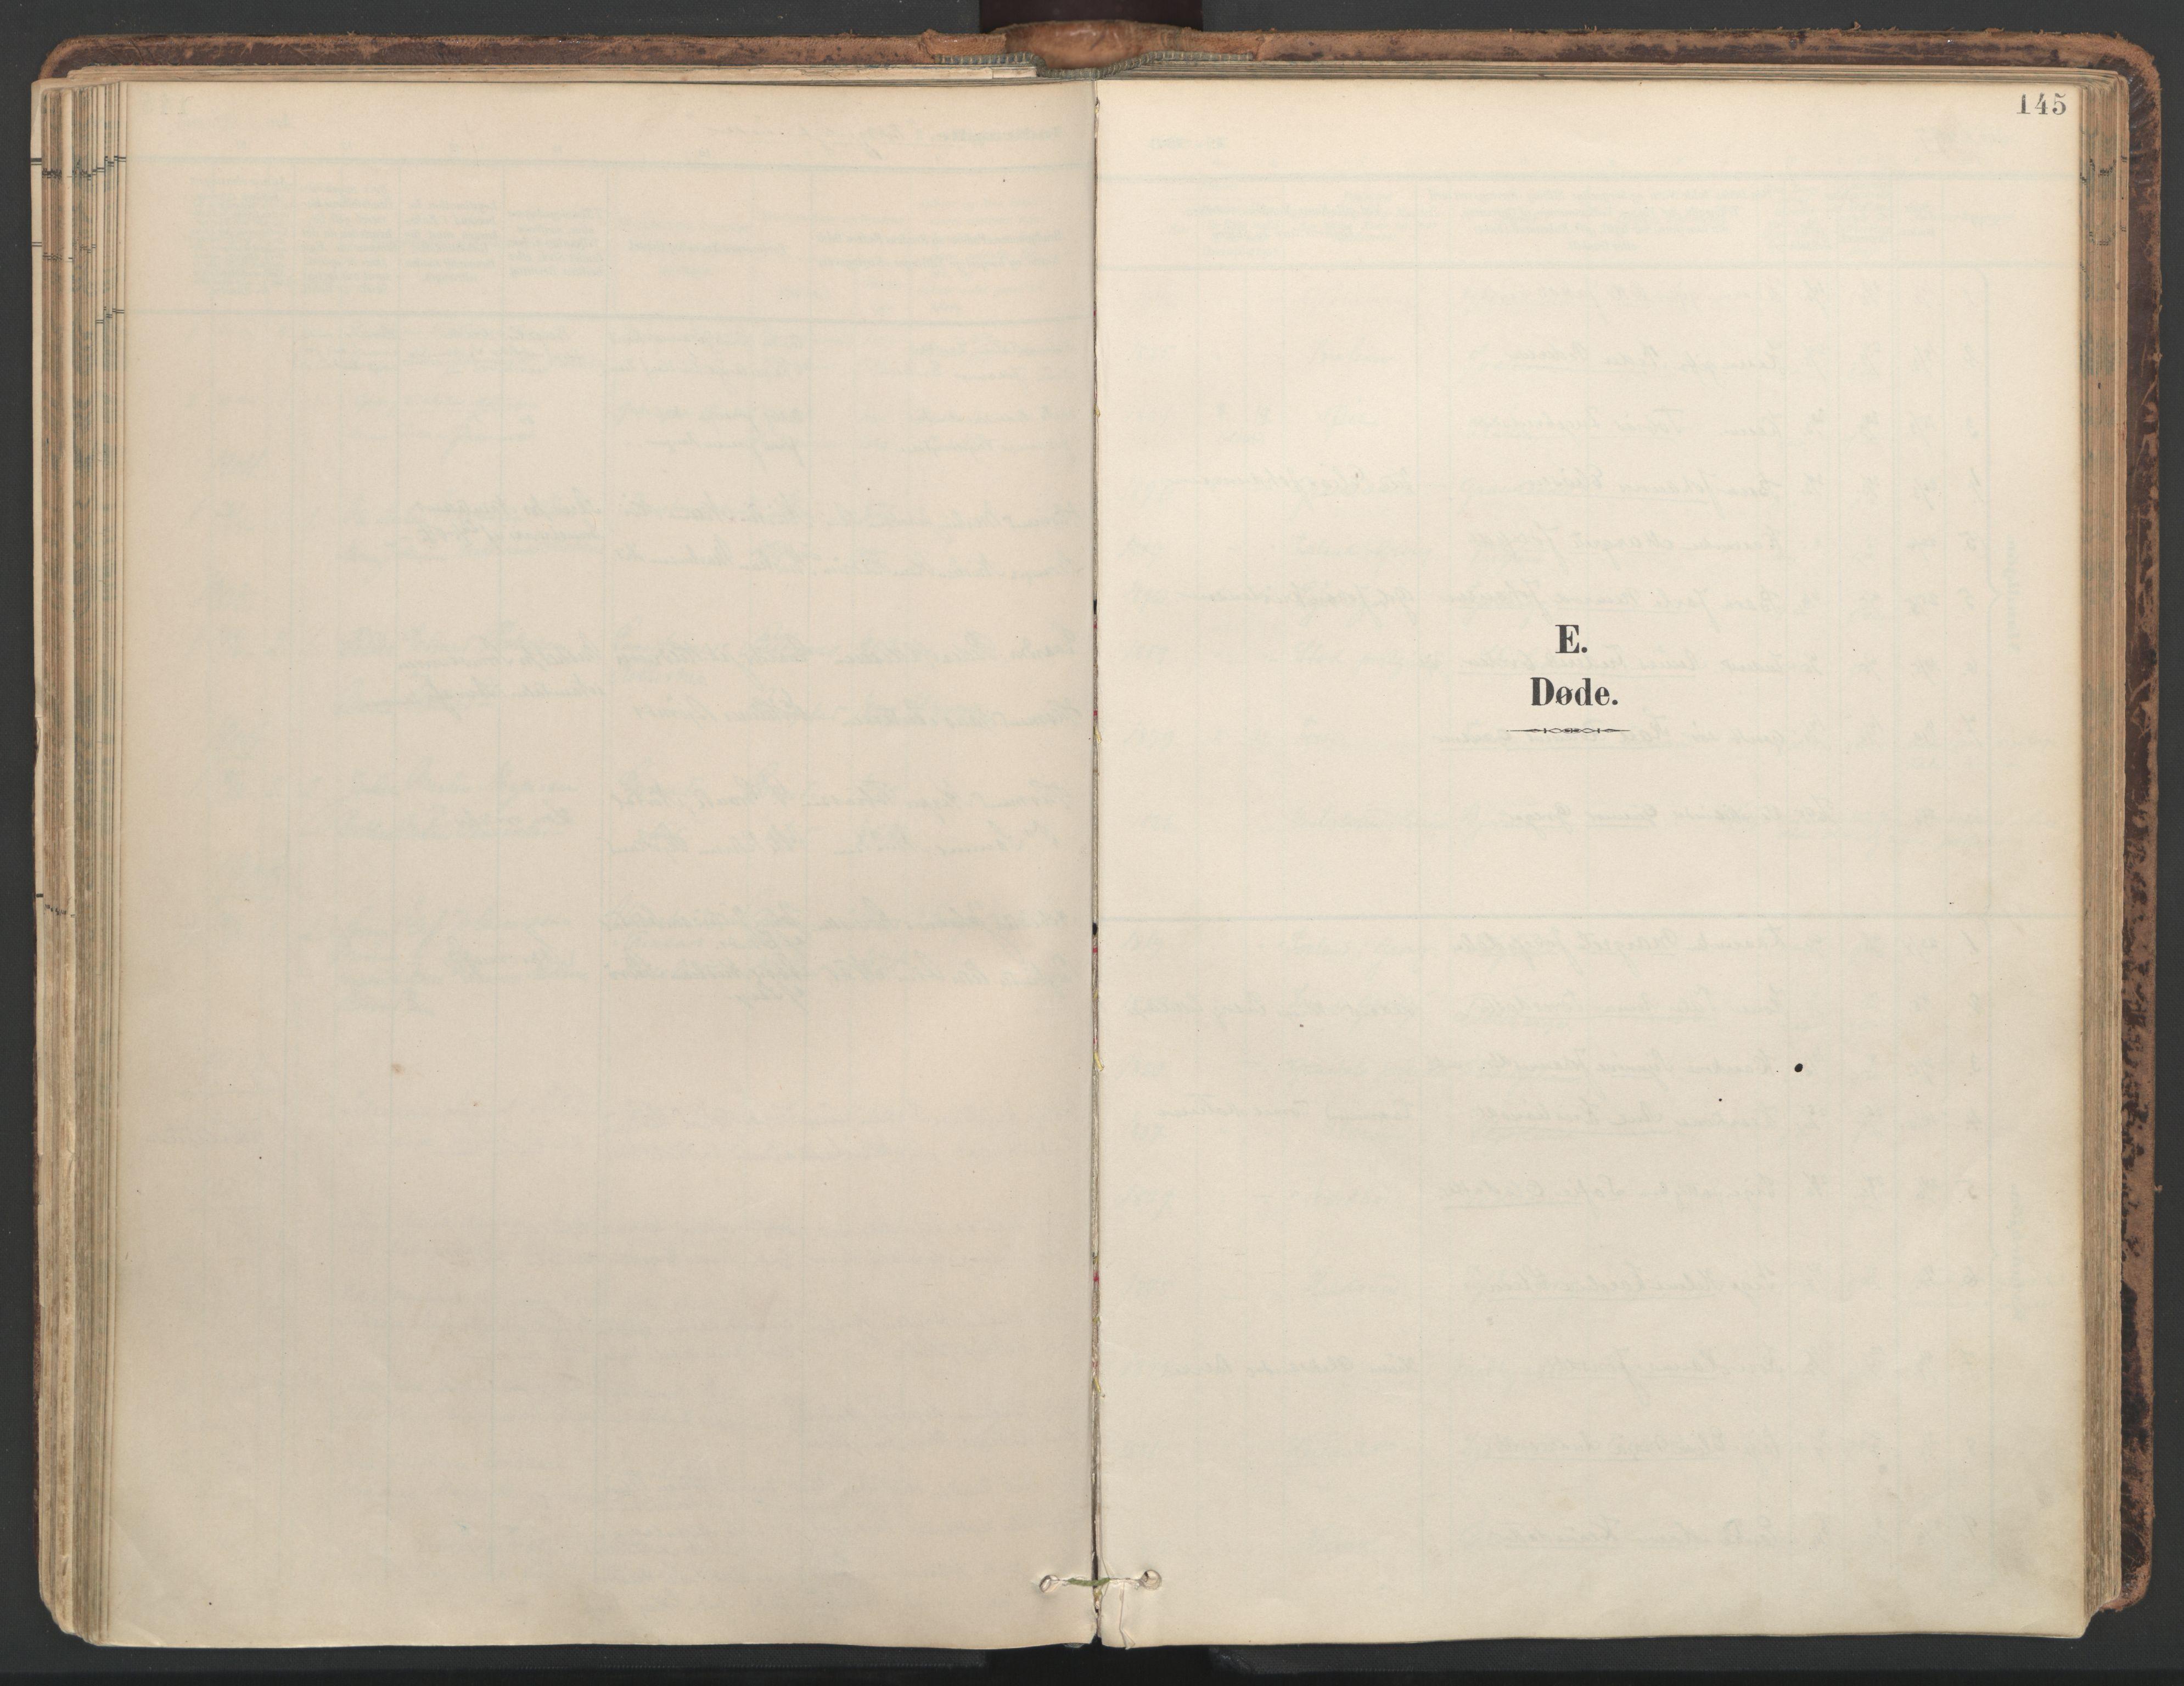 SAT, Ministerialprotokoller, klokkerbøker og fødselsregistre - Nord-Trøndelag, 764/L0556: Ministerialbok nr. 764A11, 1897-1924, s. 145